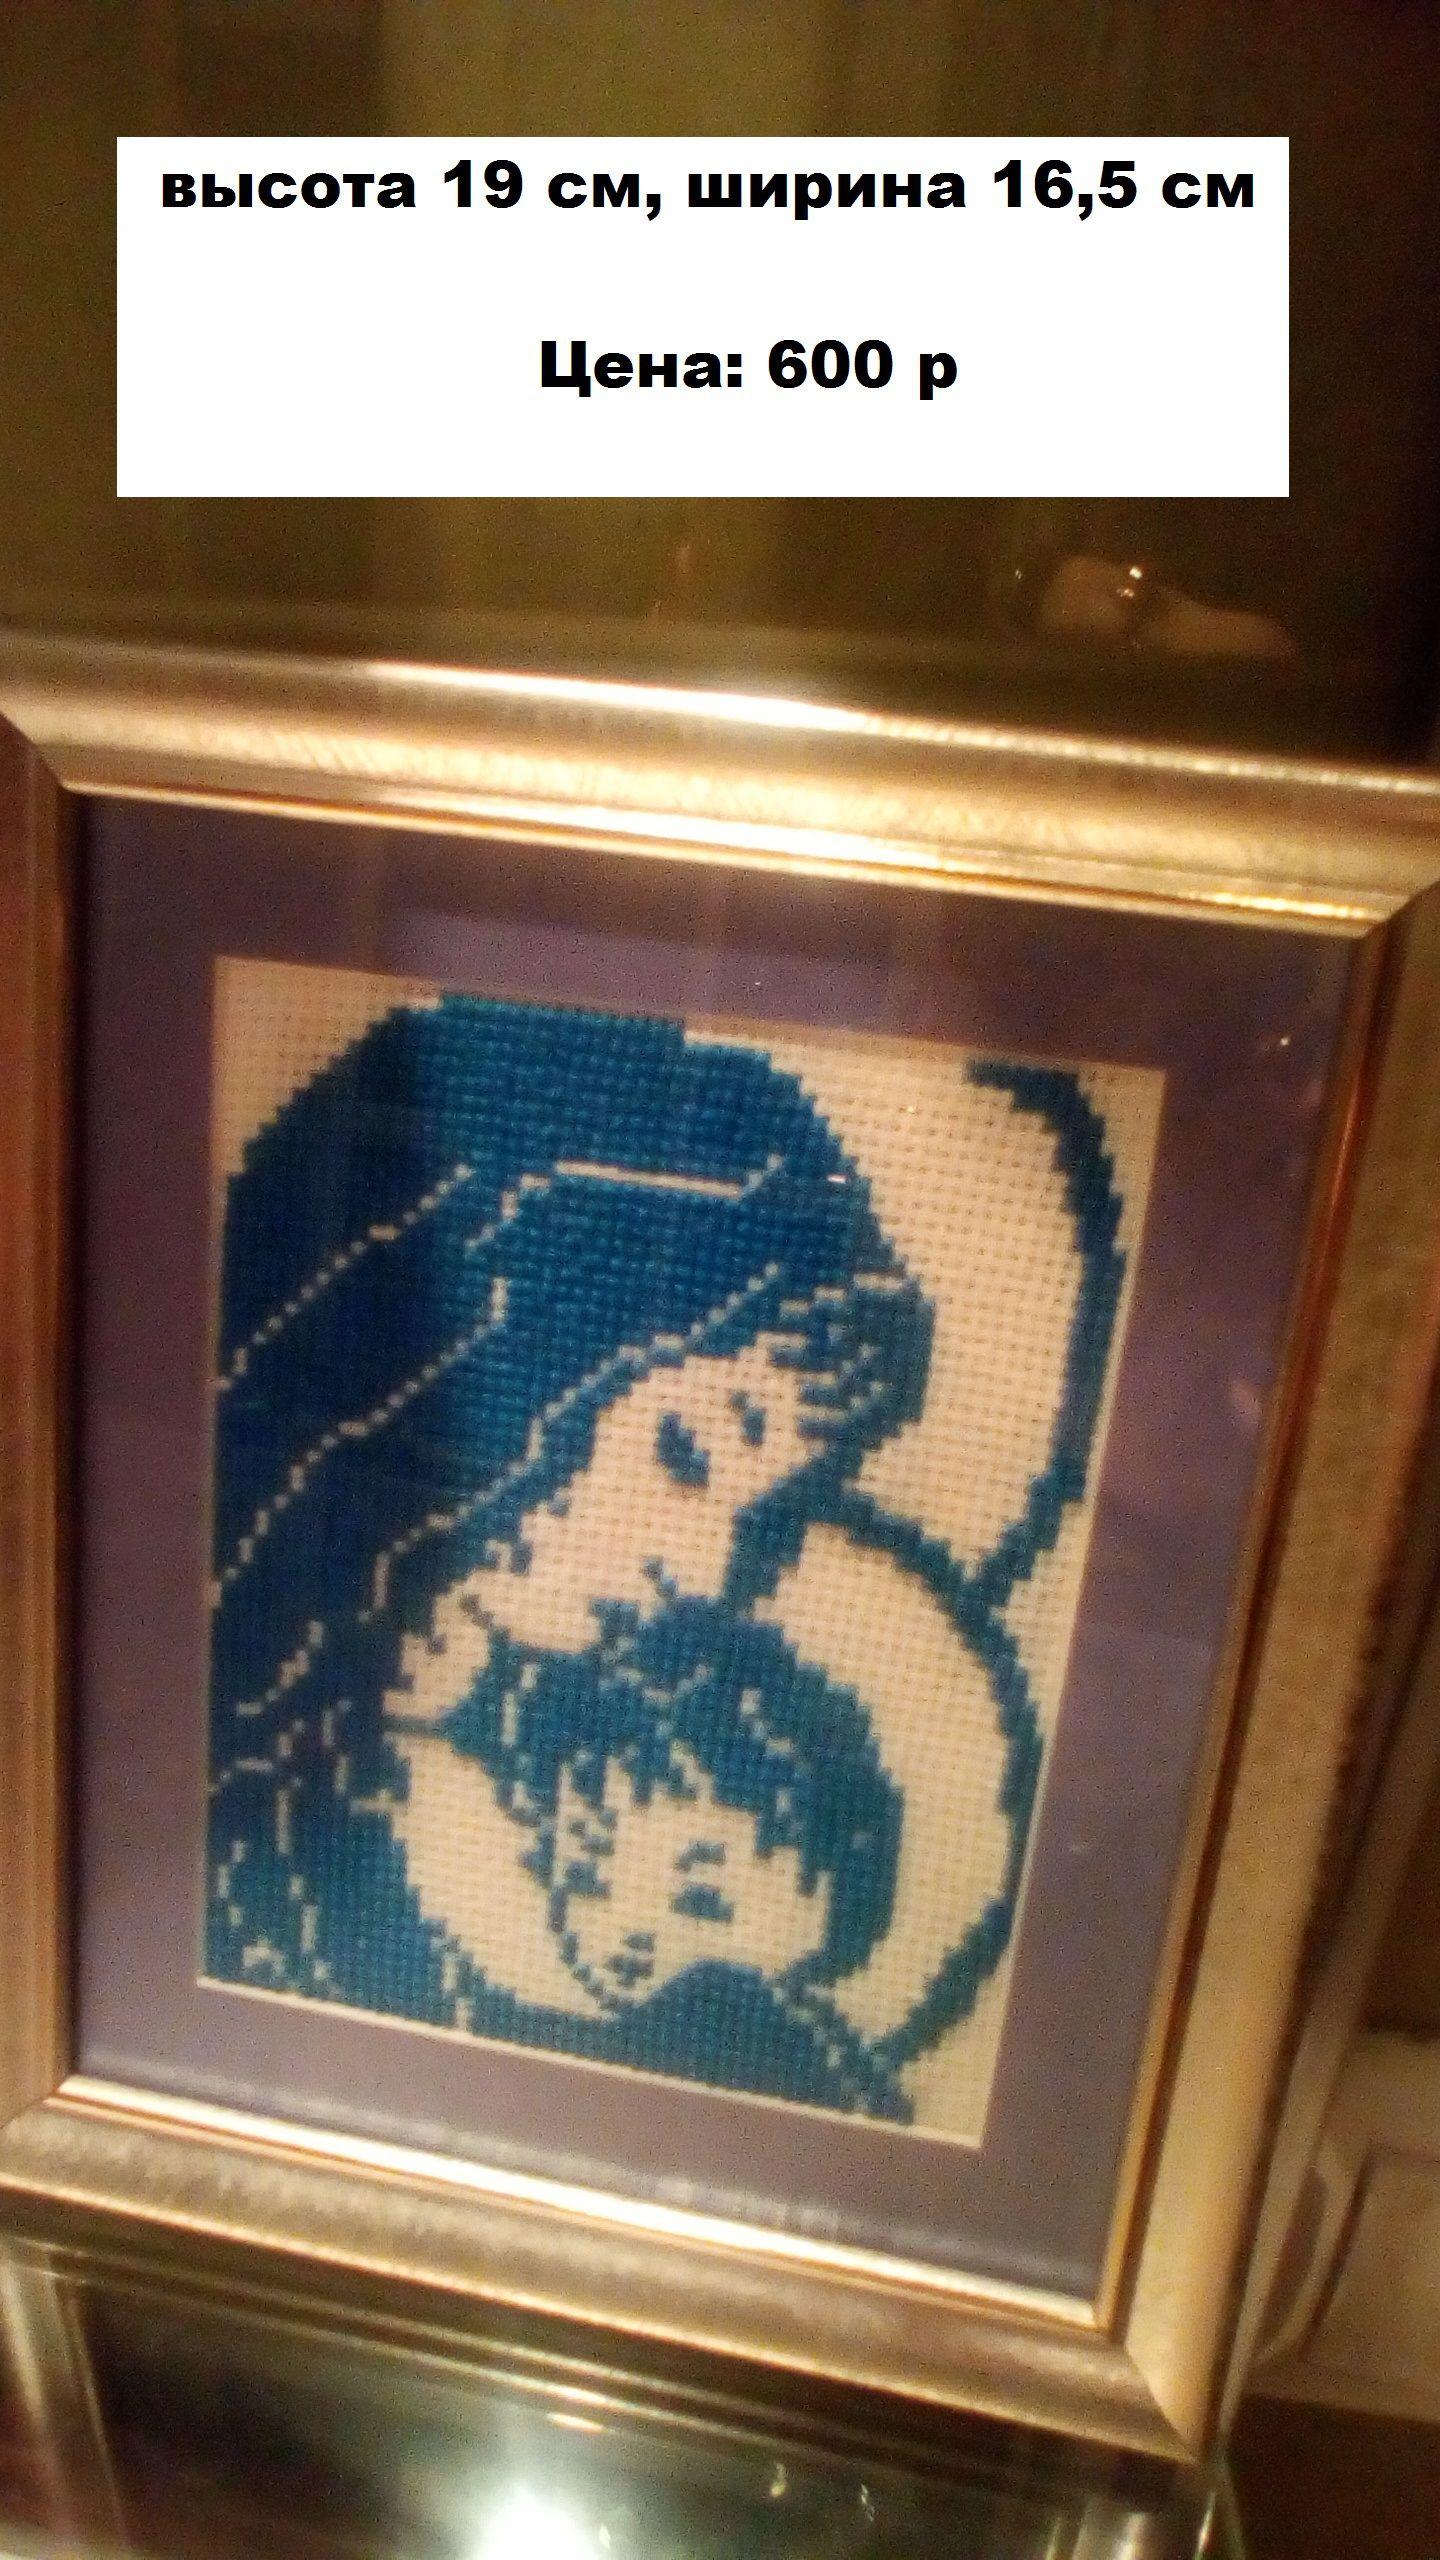 сувенир икона вышивка ручная крест работа подарок счетный